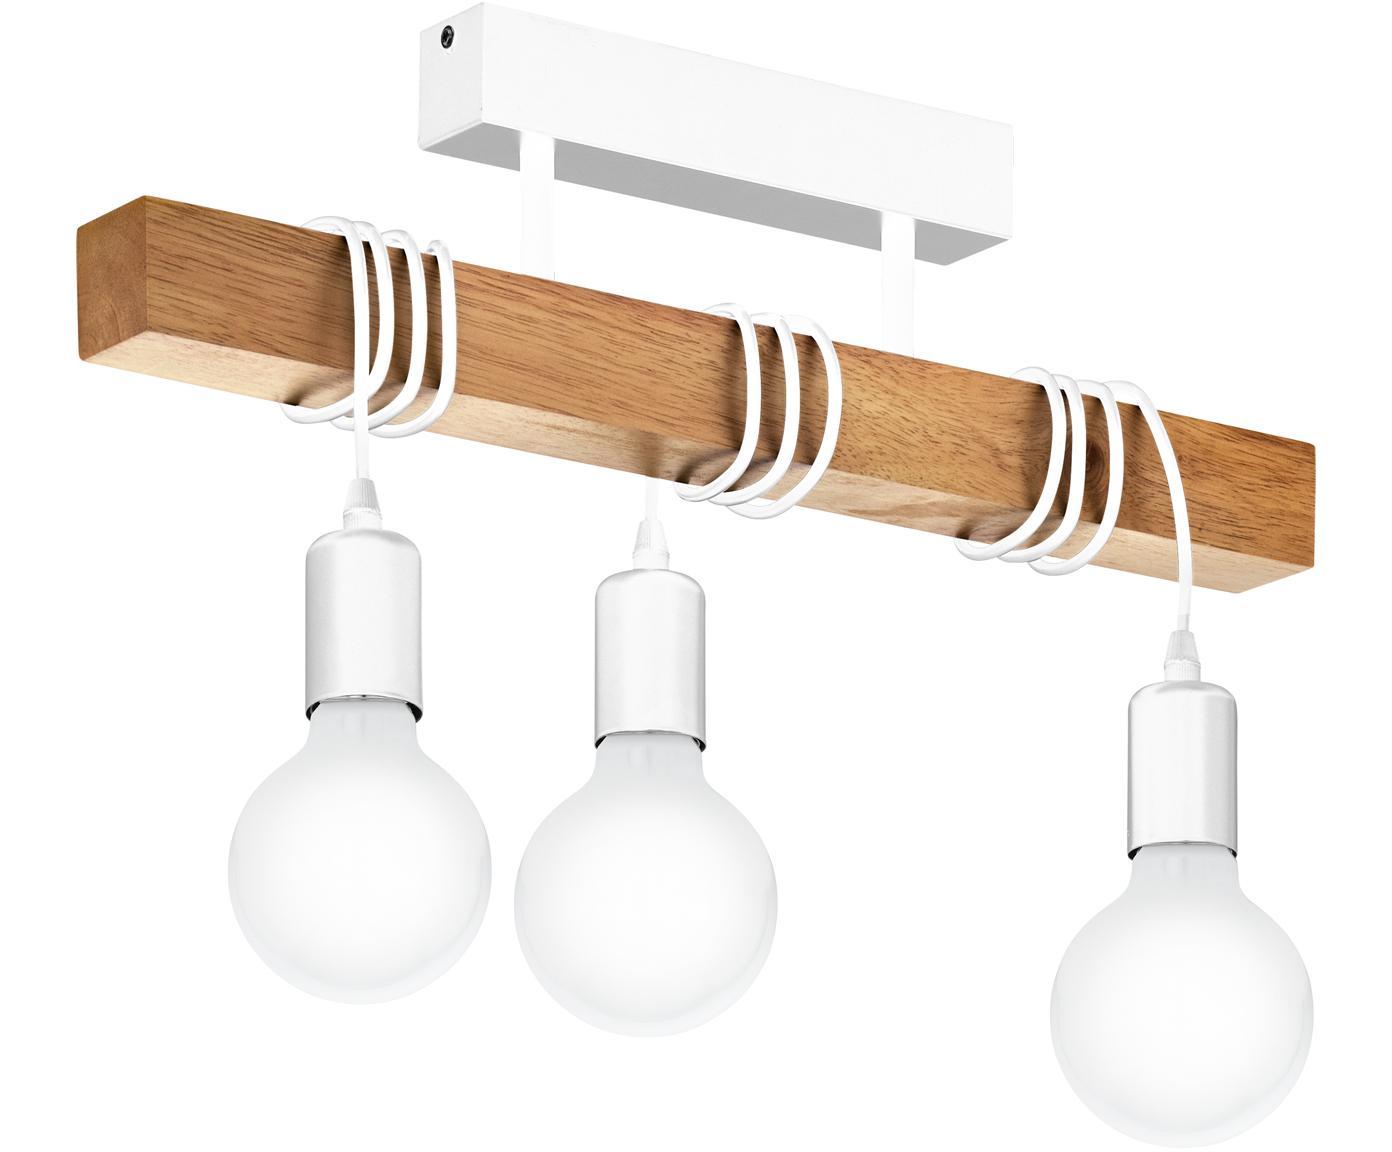 Lampa sufitowa Townshend, Biały, drewno naturalne, S 55 x W 27 cm